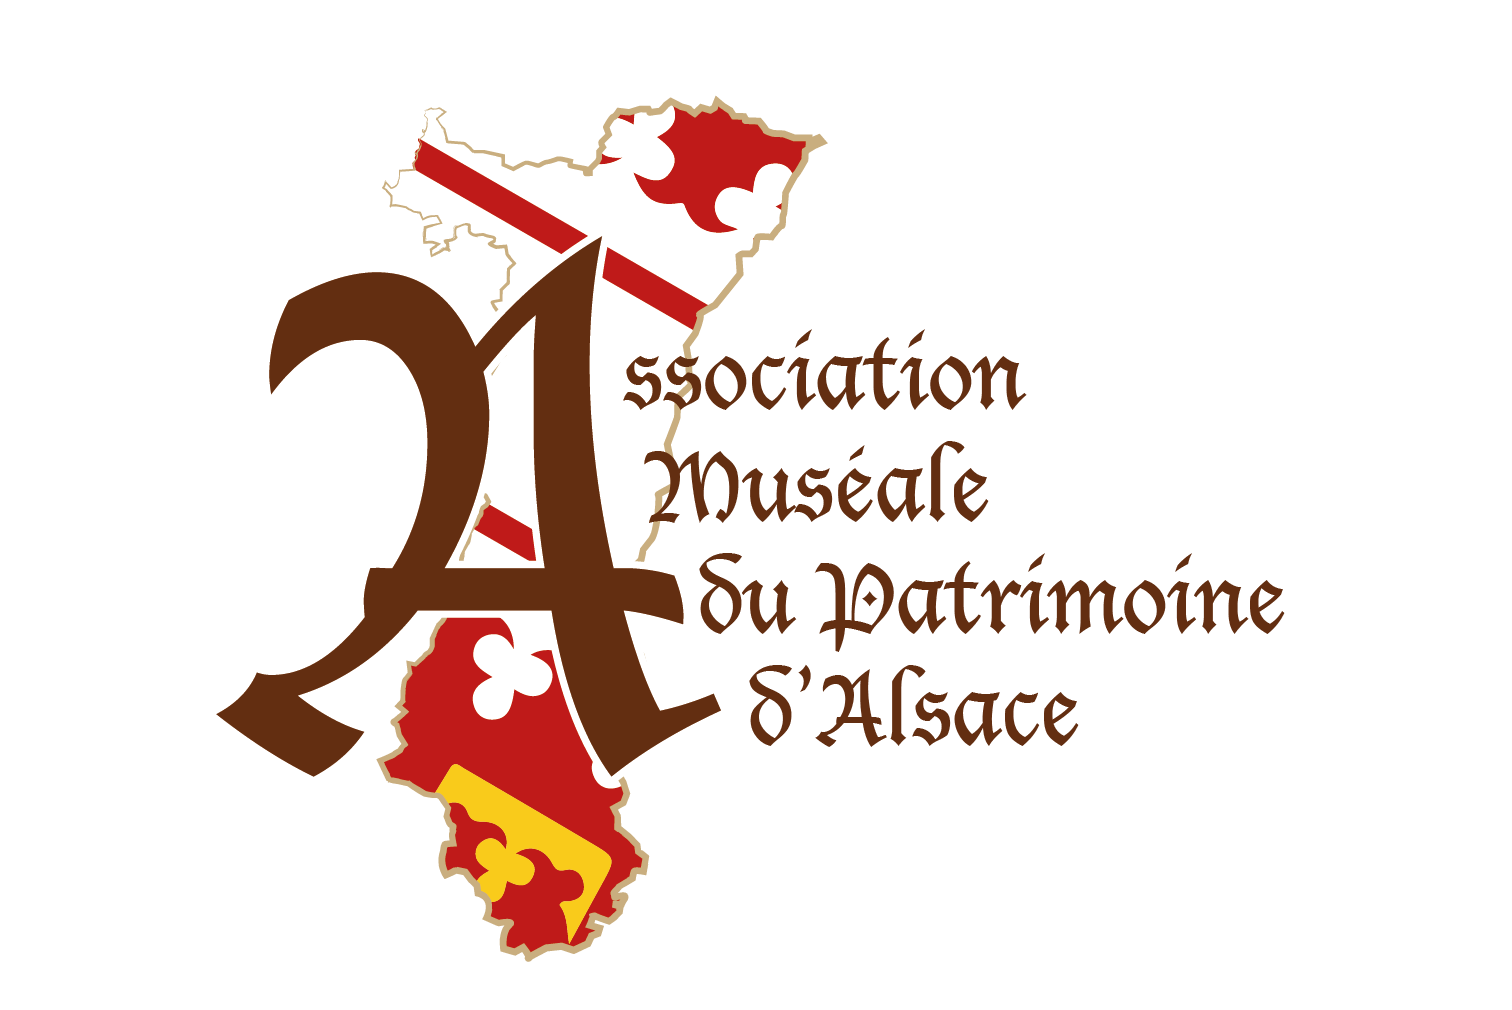 Association - Association Muséale du Patrimoine d'Alsace